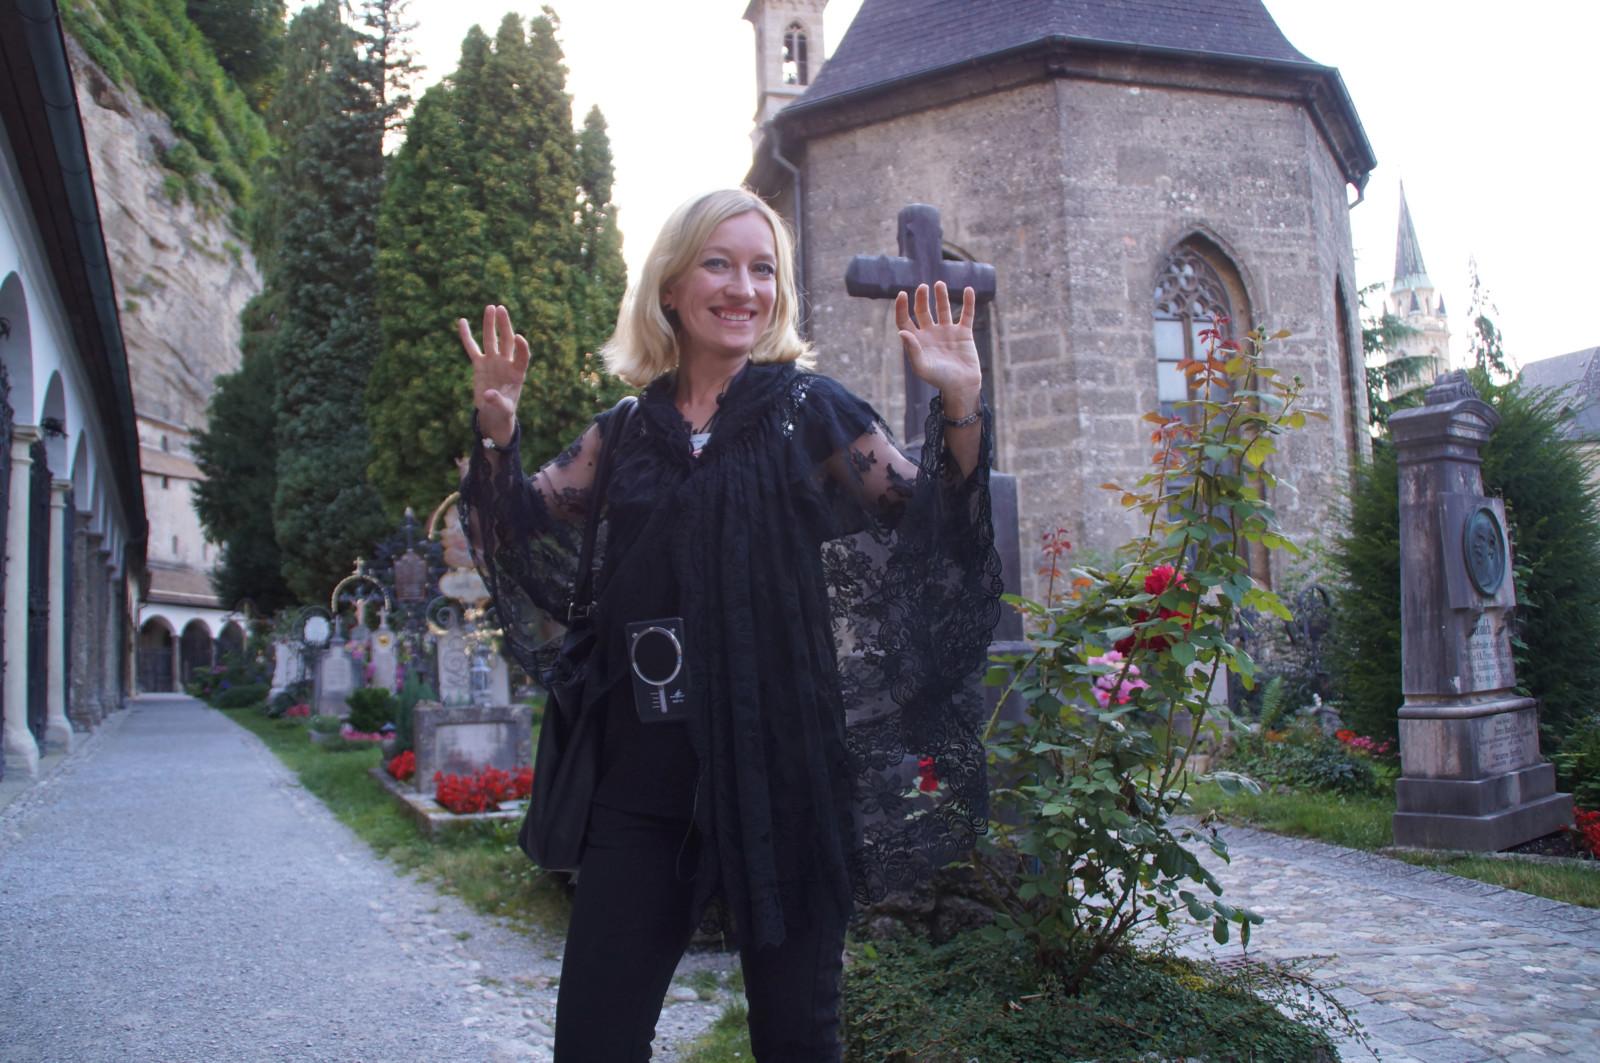 Fremdenführerin Sabine Rath lebt seit 2001 in Salzburg. Sie sagt: